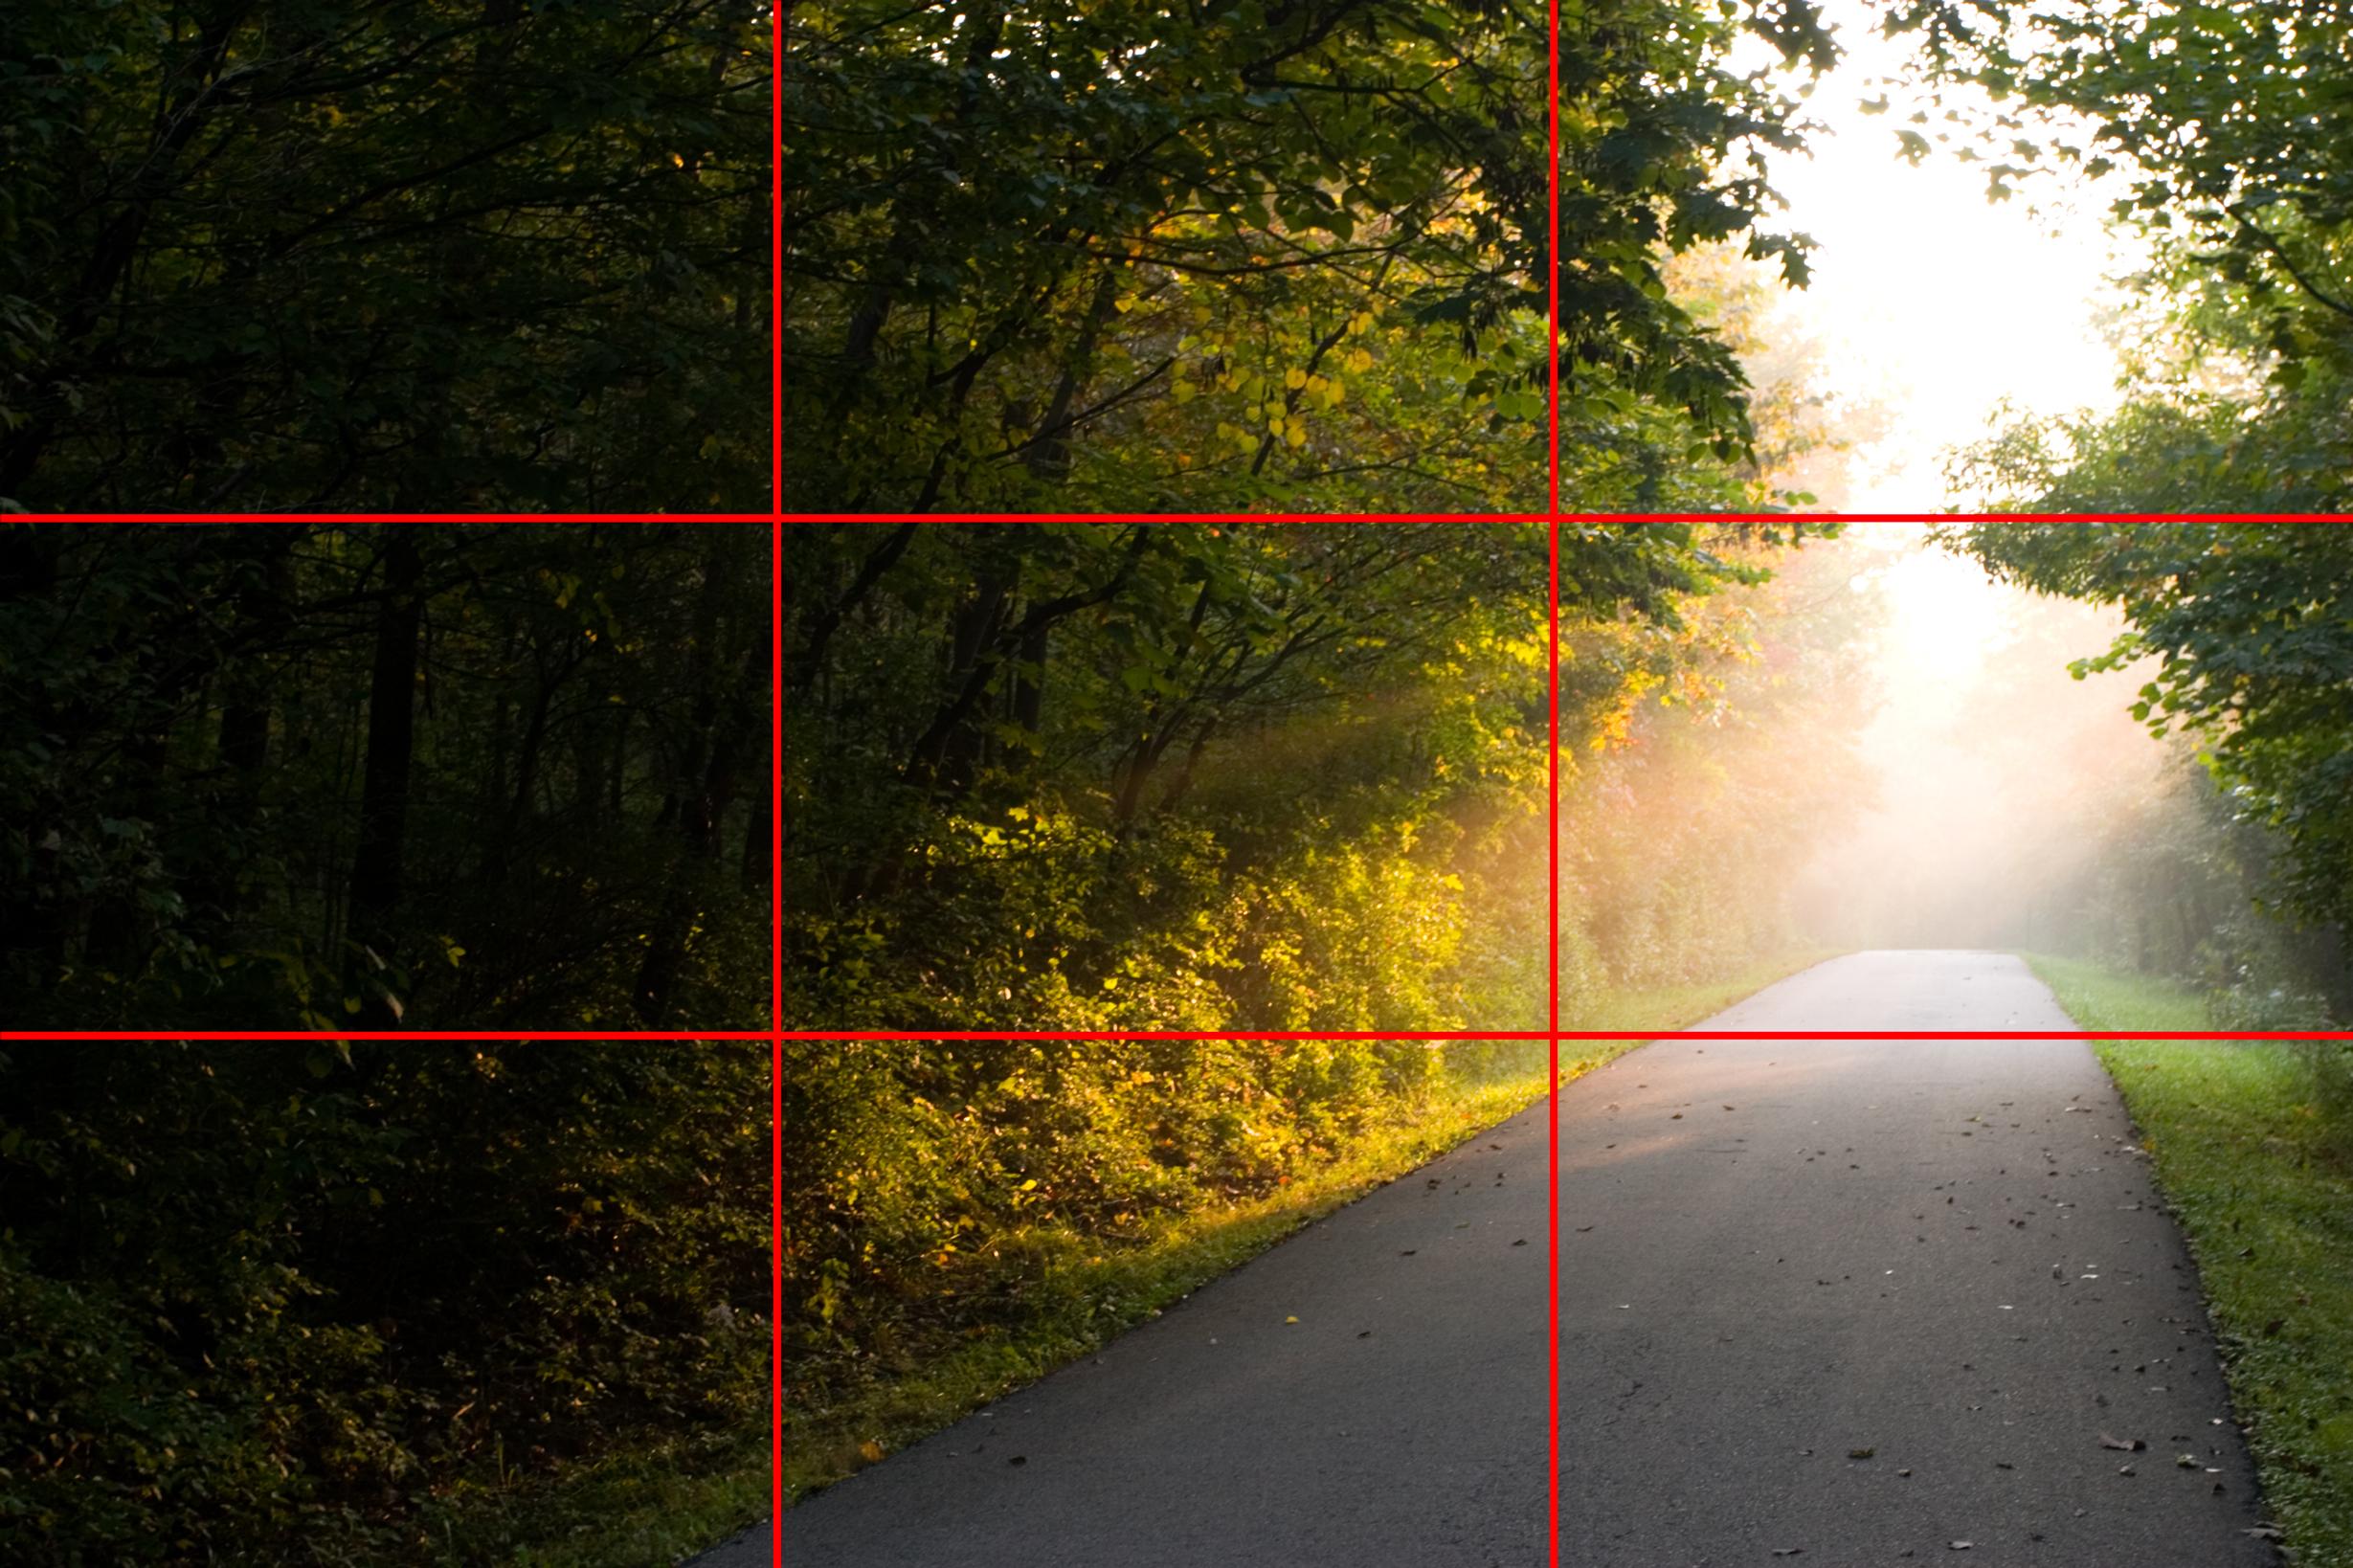 Un esempio della Regola dei terzi, utilizzata per scattare una foto in un bosco